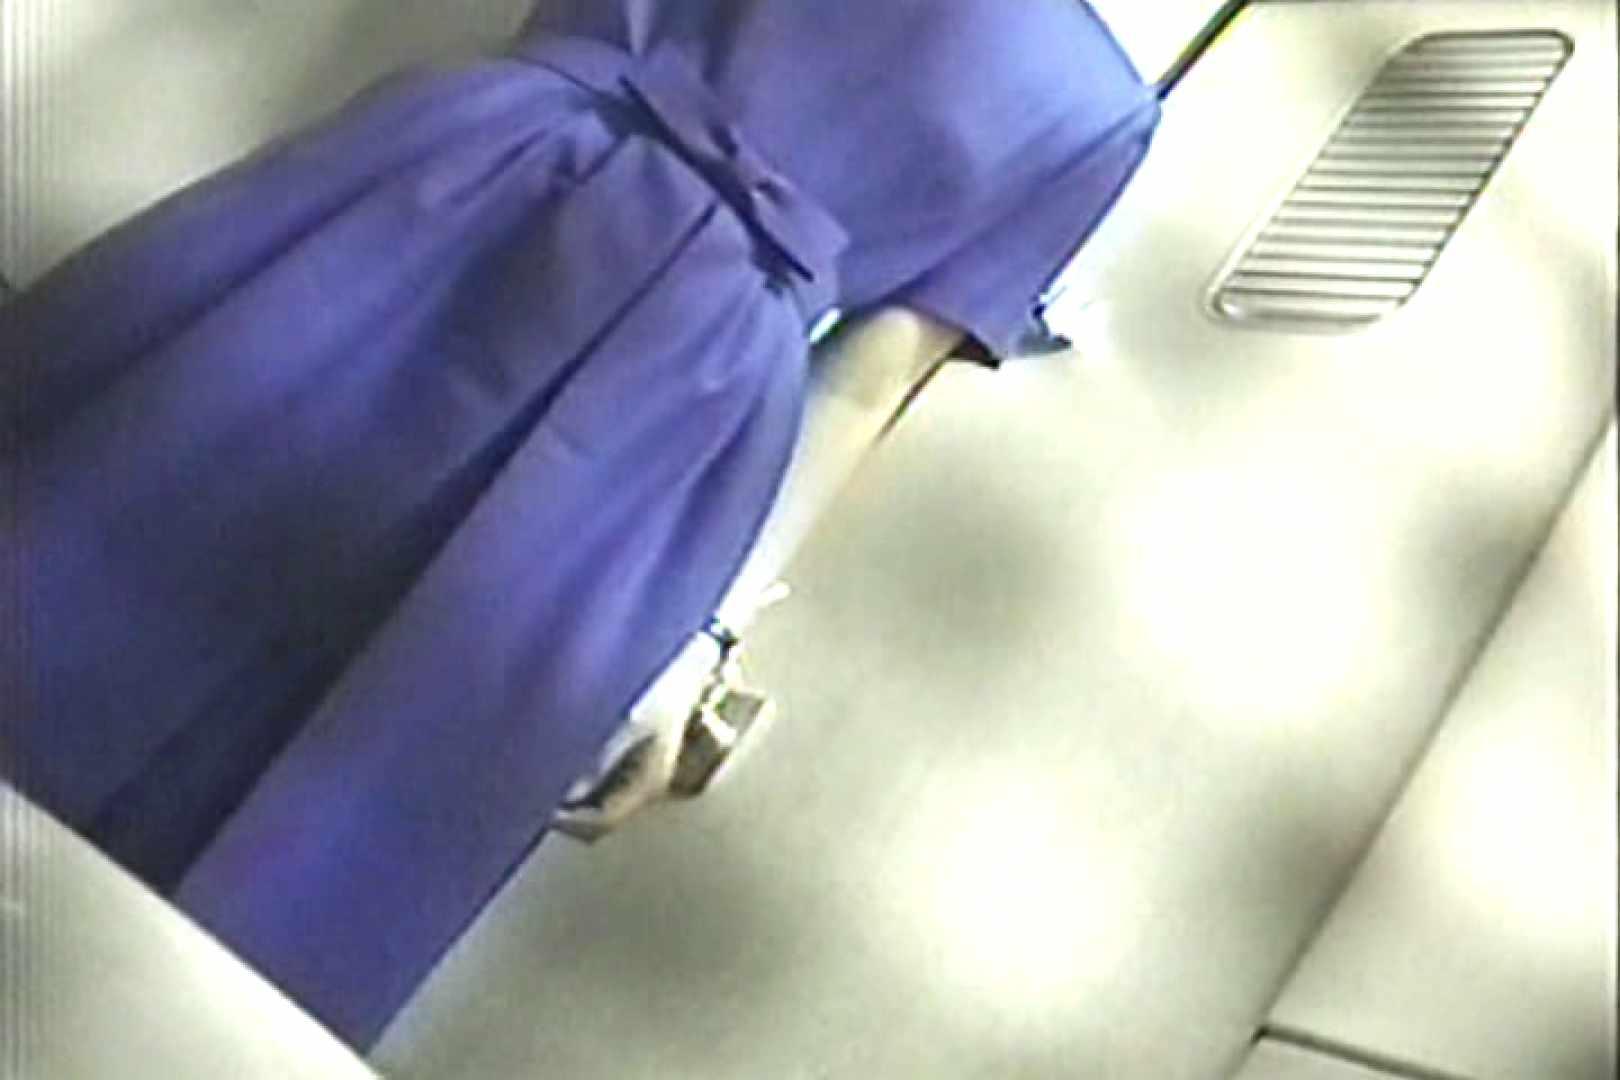 車内洗面所盗撮 電車ゆれればお尻もゆれる TK-98 盗撮師作品 オメコ動画キャプチャ 101pic 67